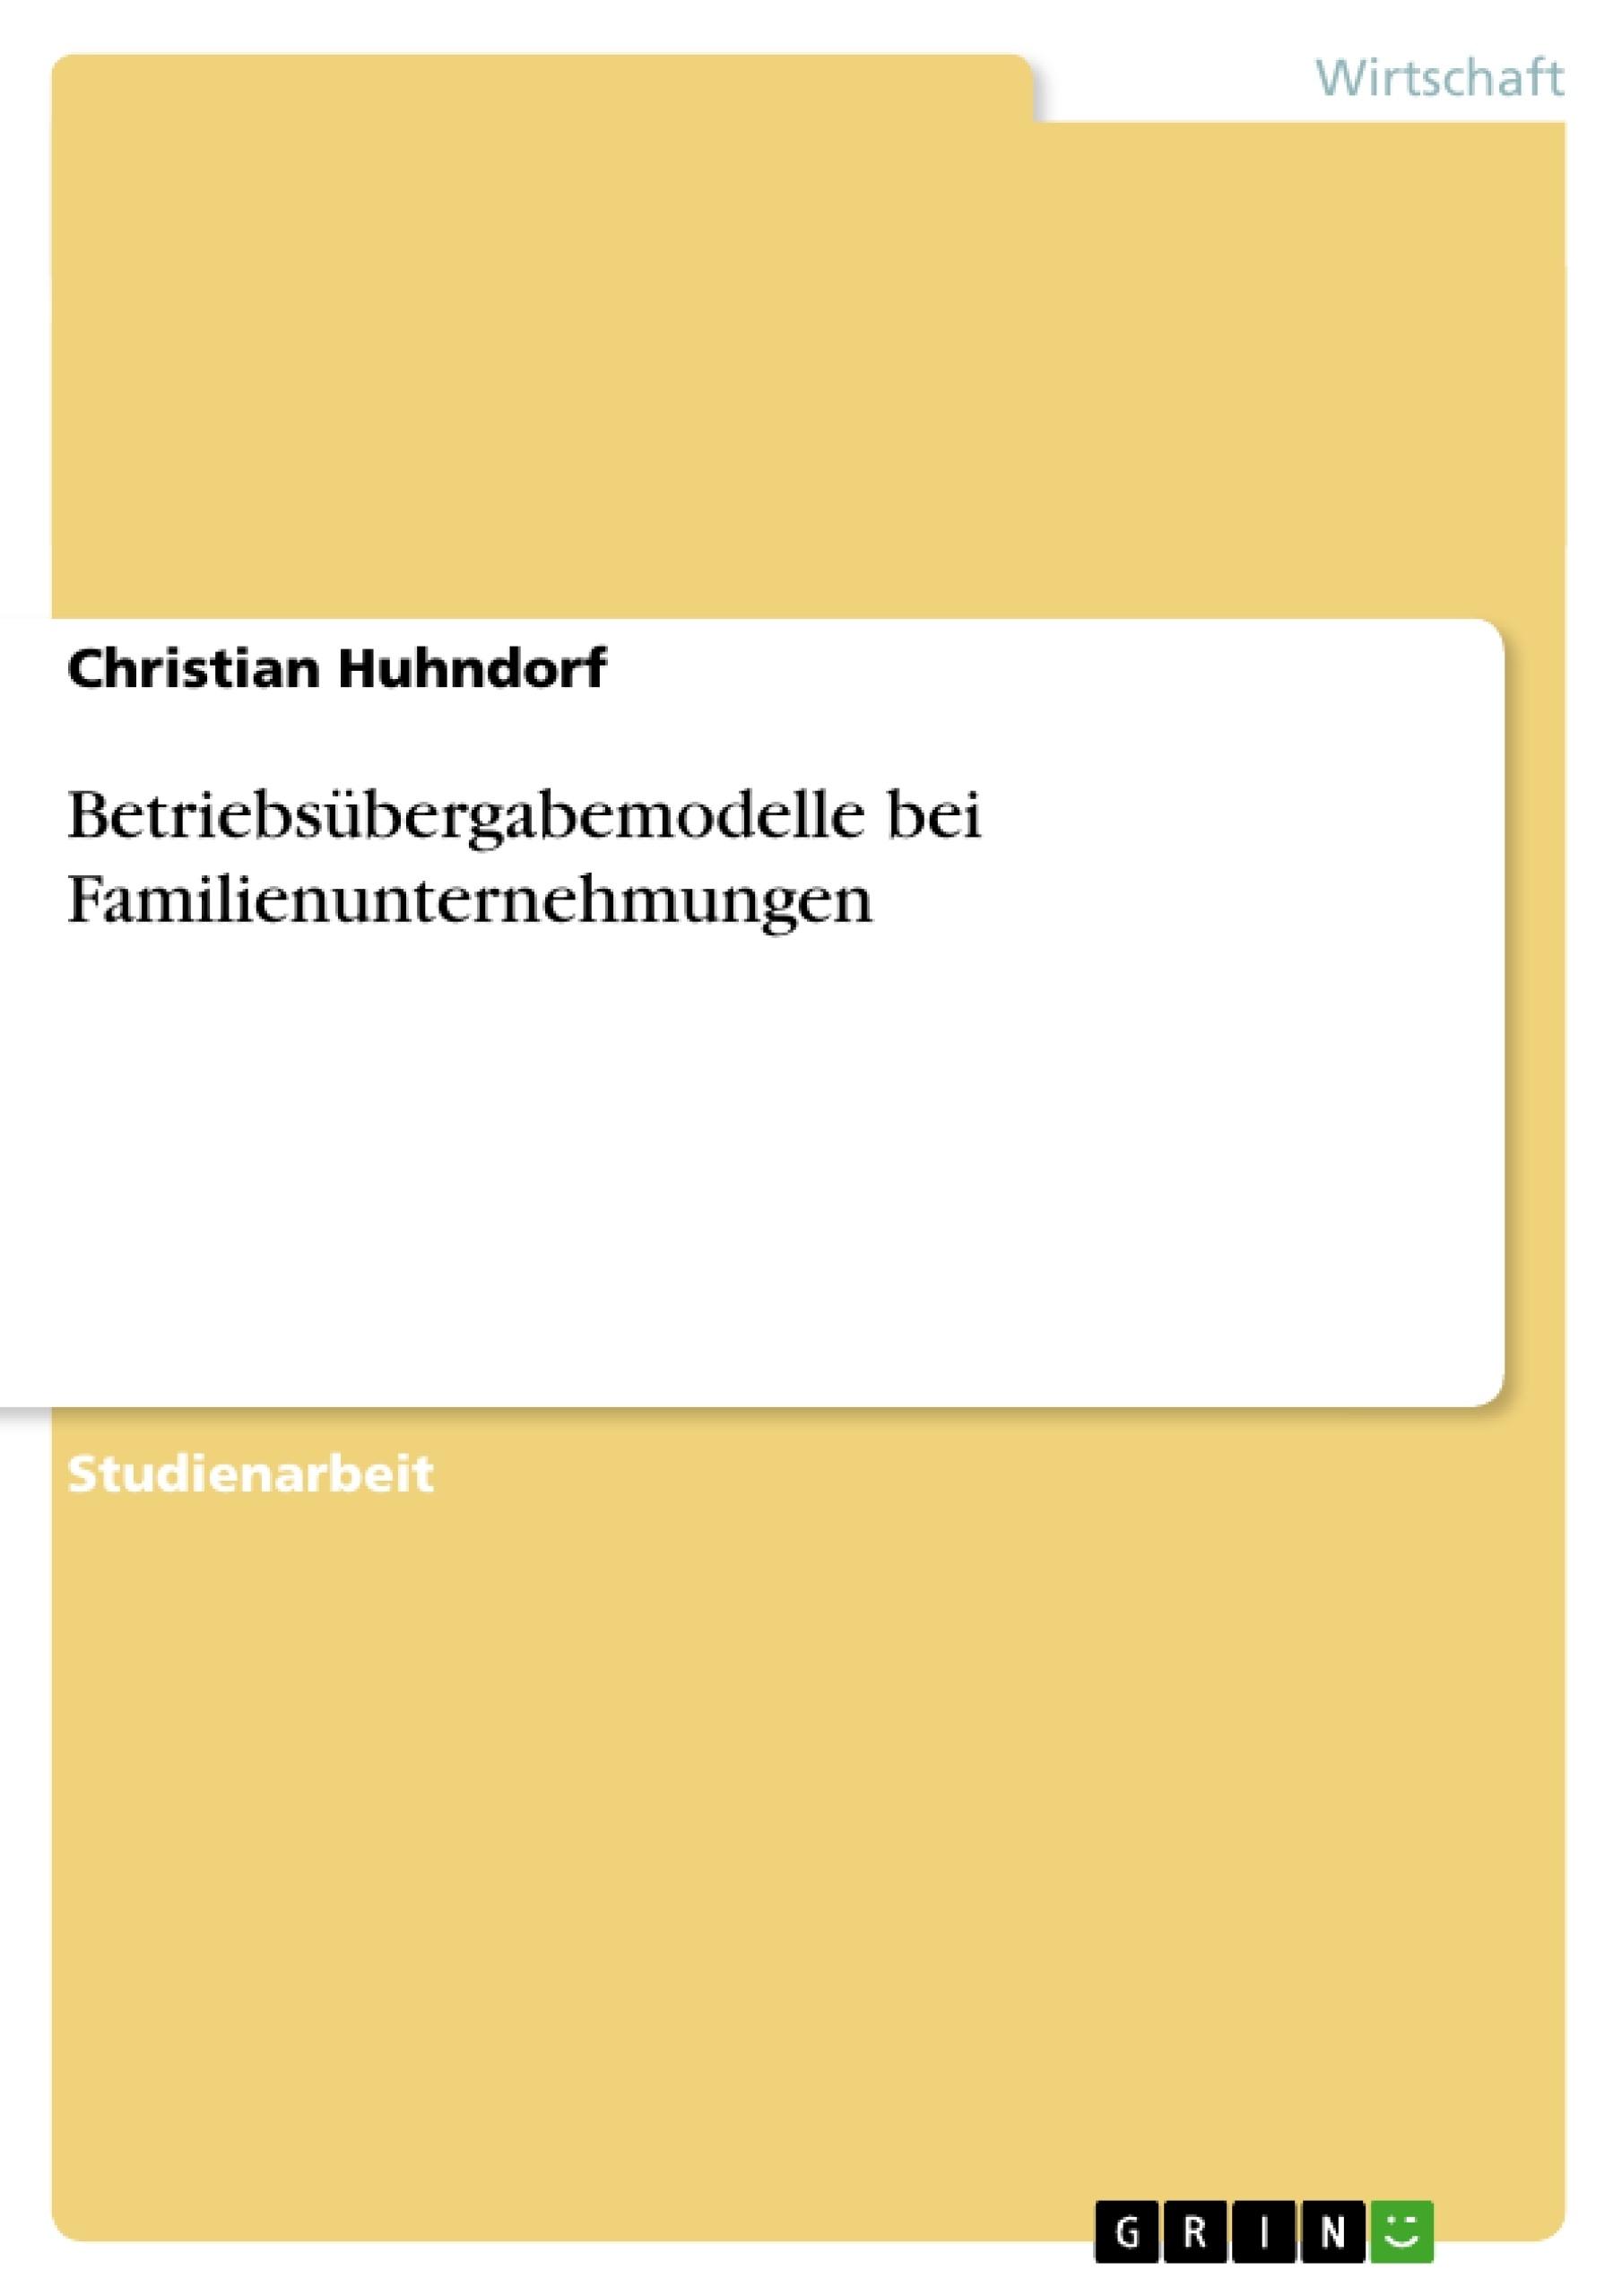 Titel: Betriebsübergabemodelle bei Familienunternehmungen